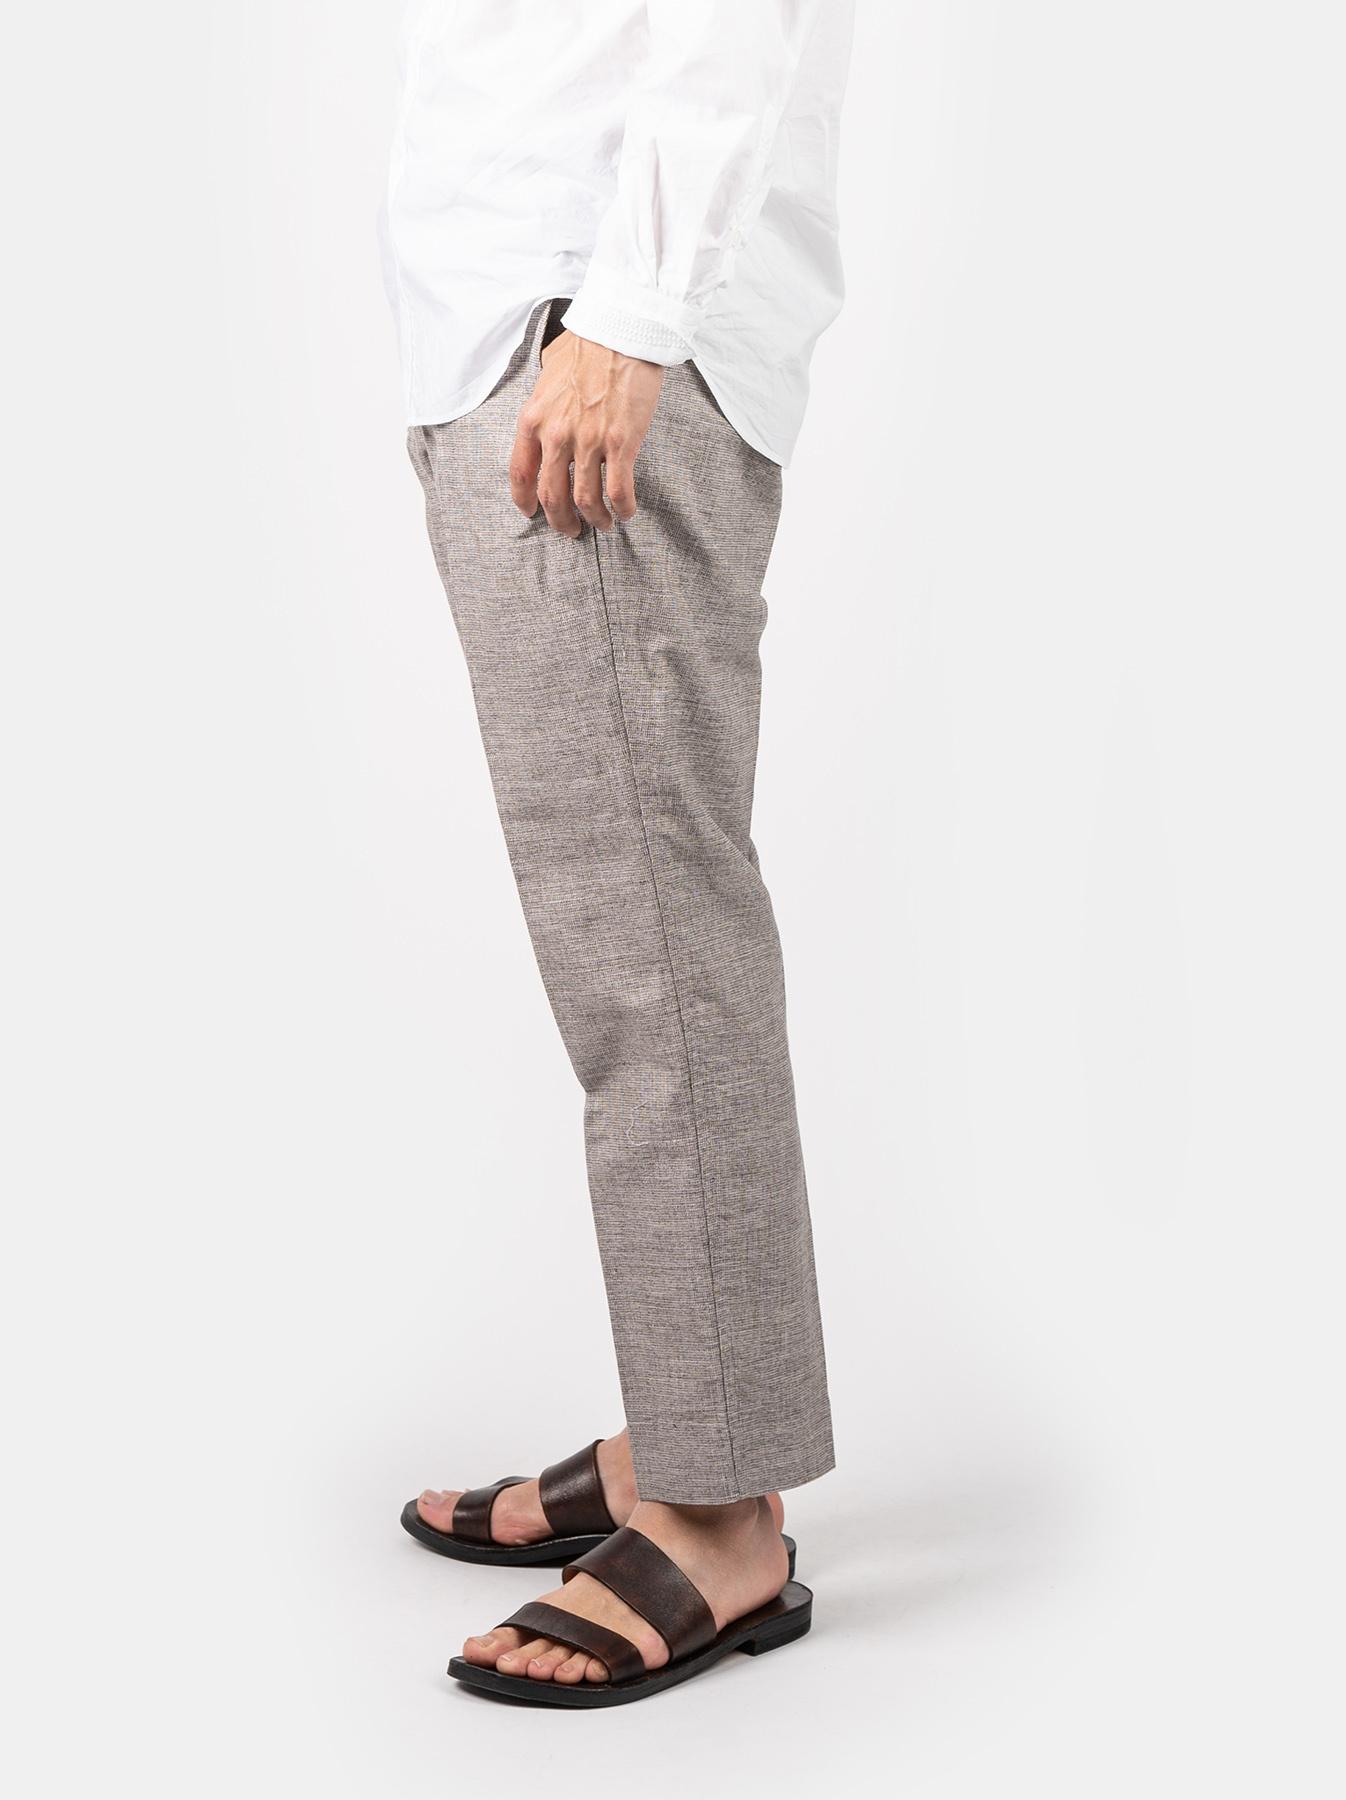 WH Cotton Tweed 908 Easy Slacks-4